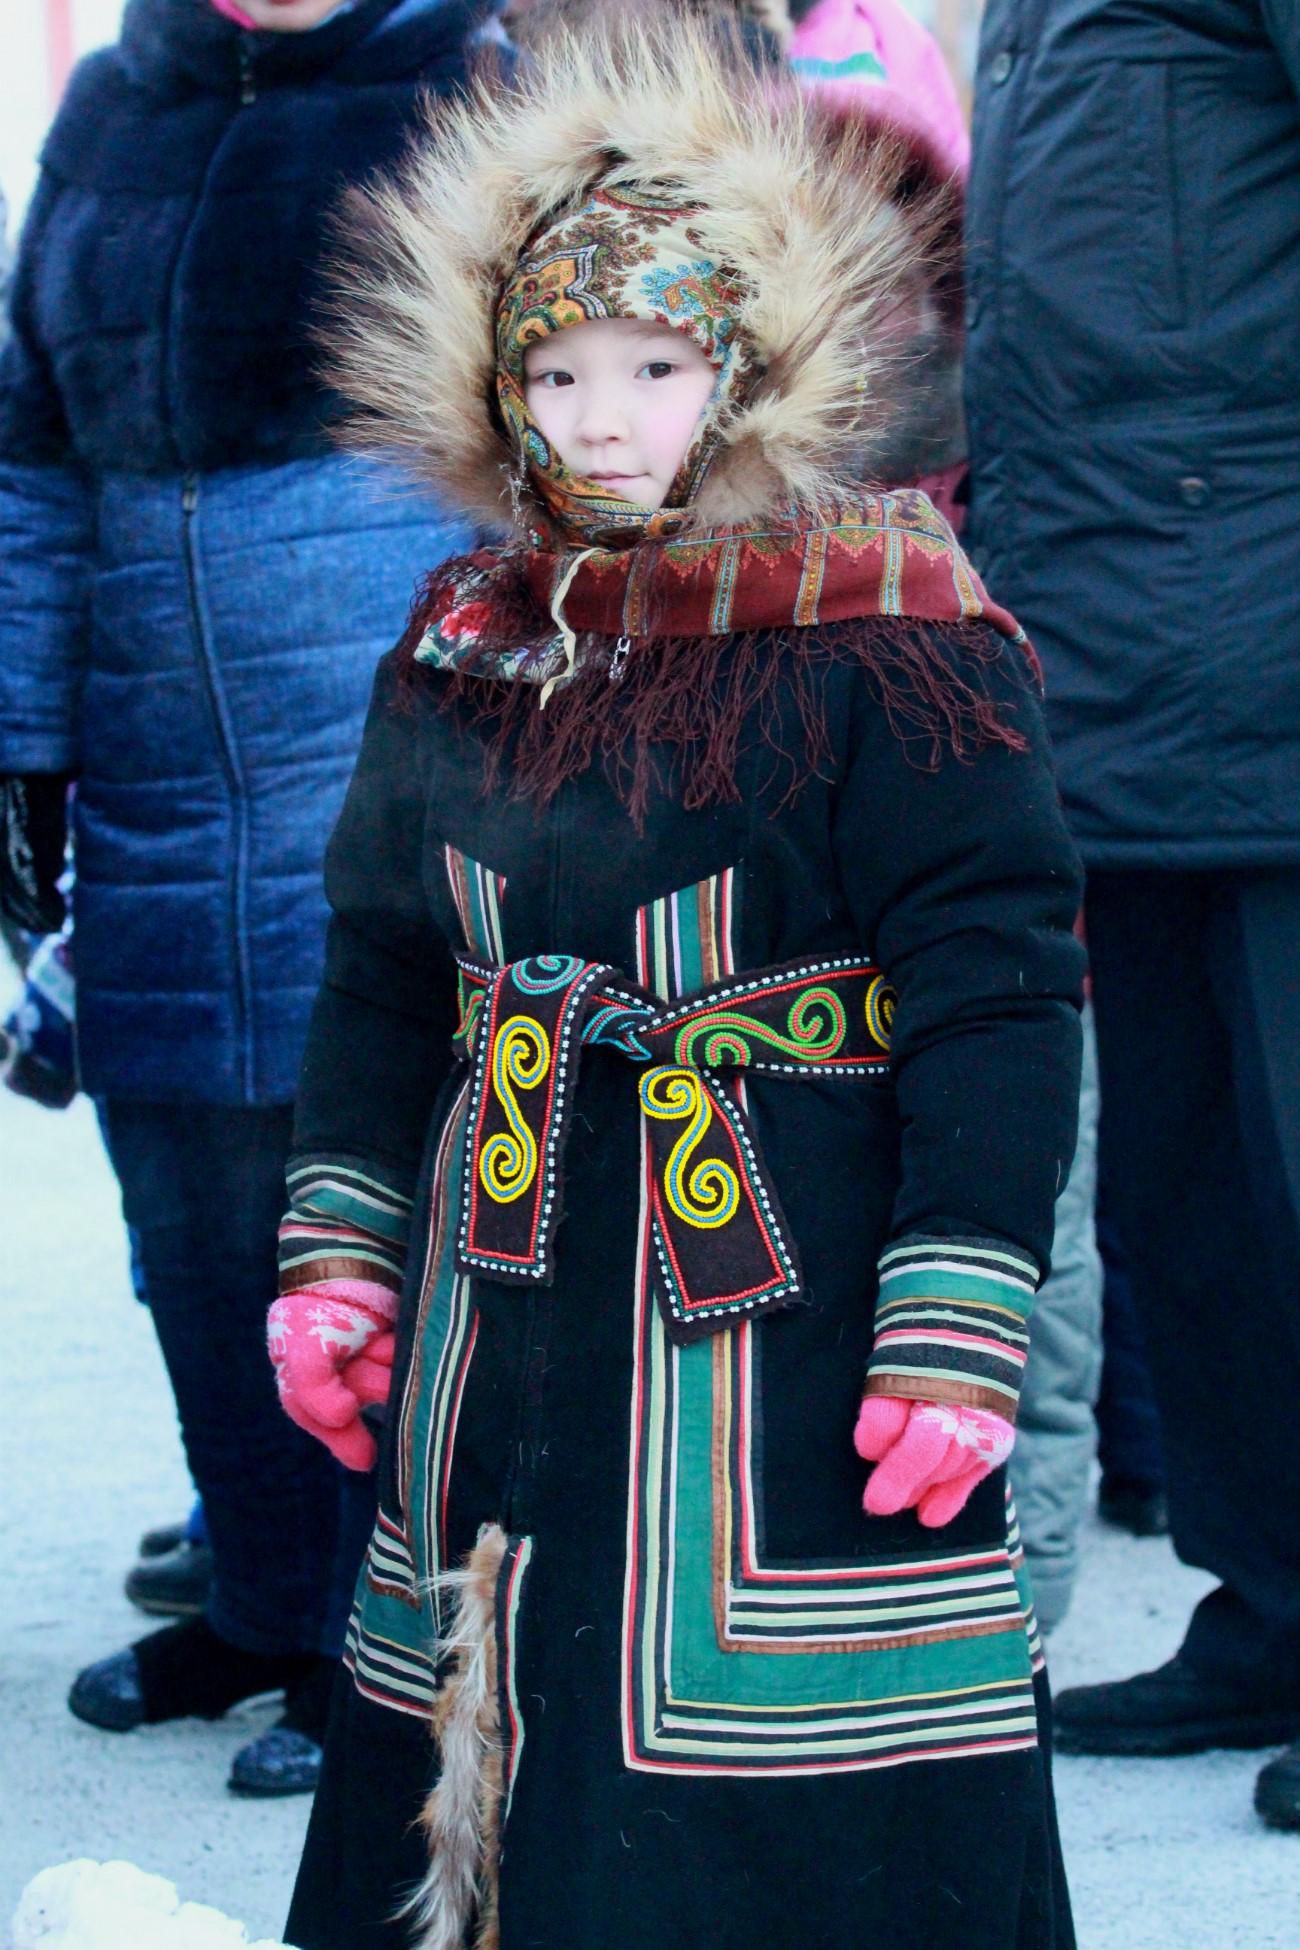 Per venti giorni Norilsk ha ospitato incontri letterari, mostre fotografiche, concerti, spettacoli ed esposizioni, radunando la popolazione nella piazza locale in occasione della giornata conclusiva dell'evento